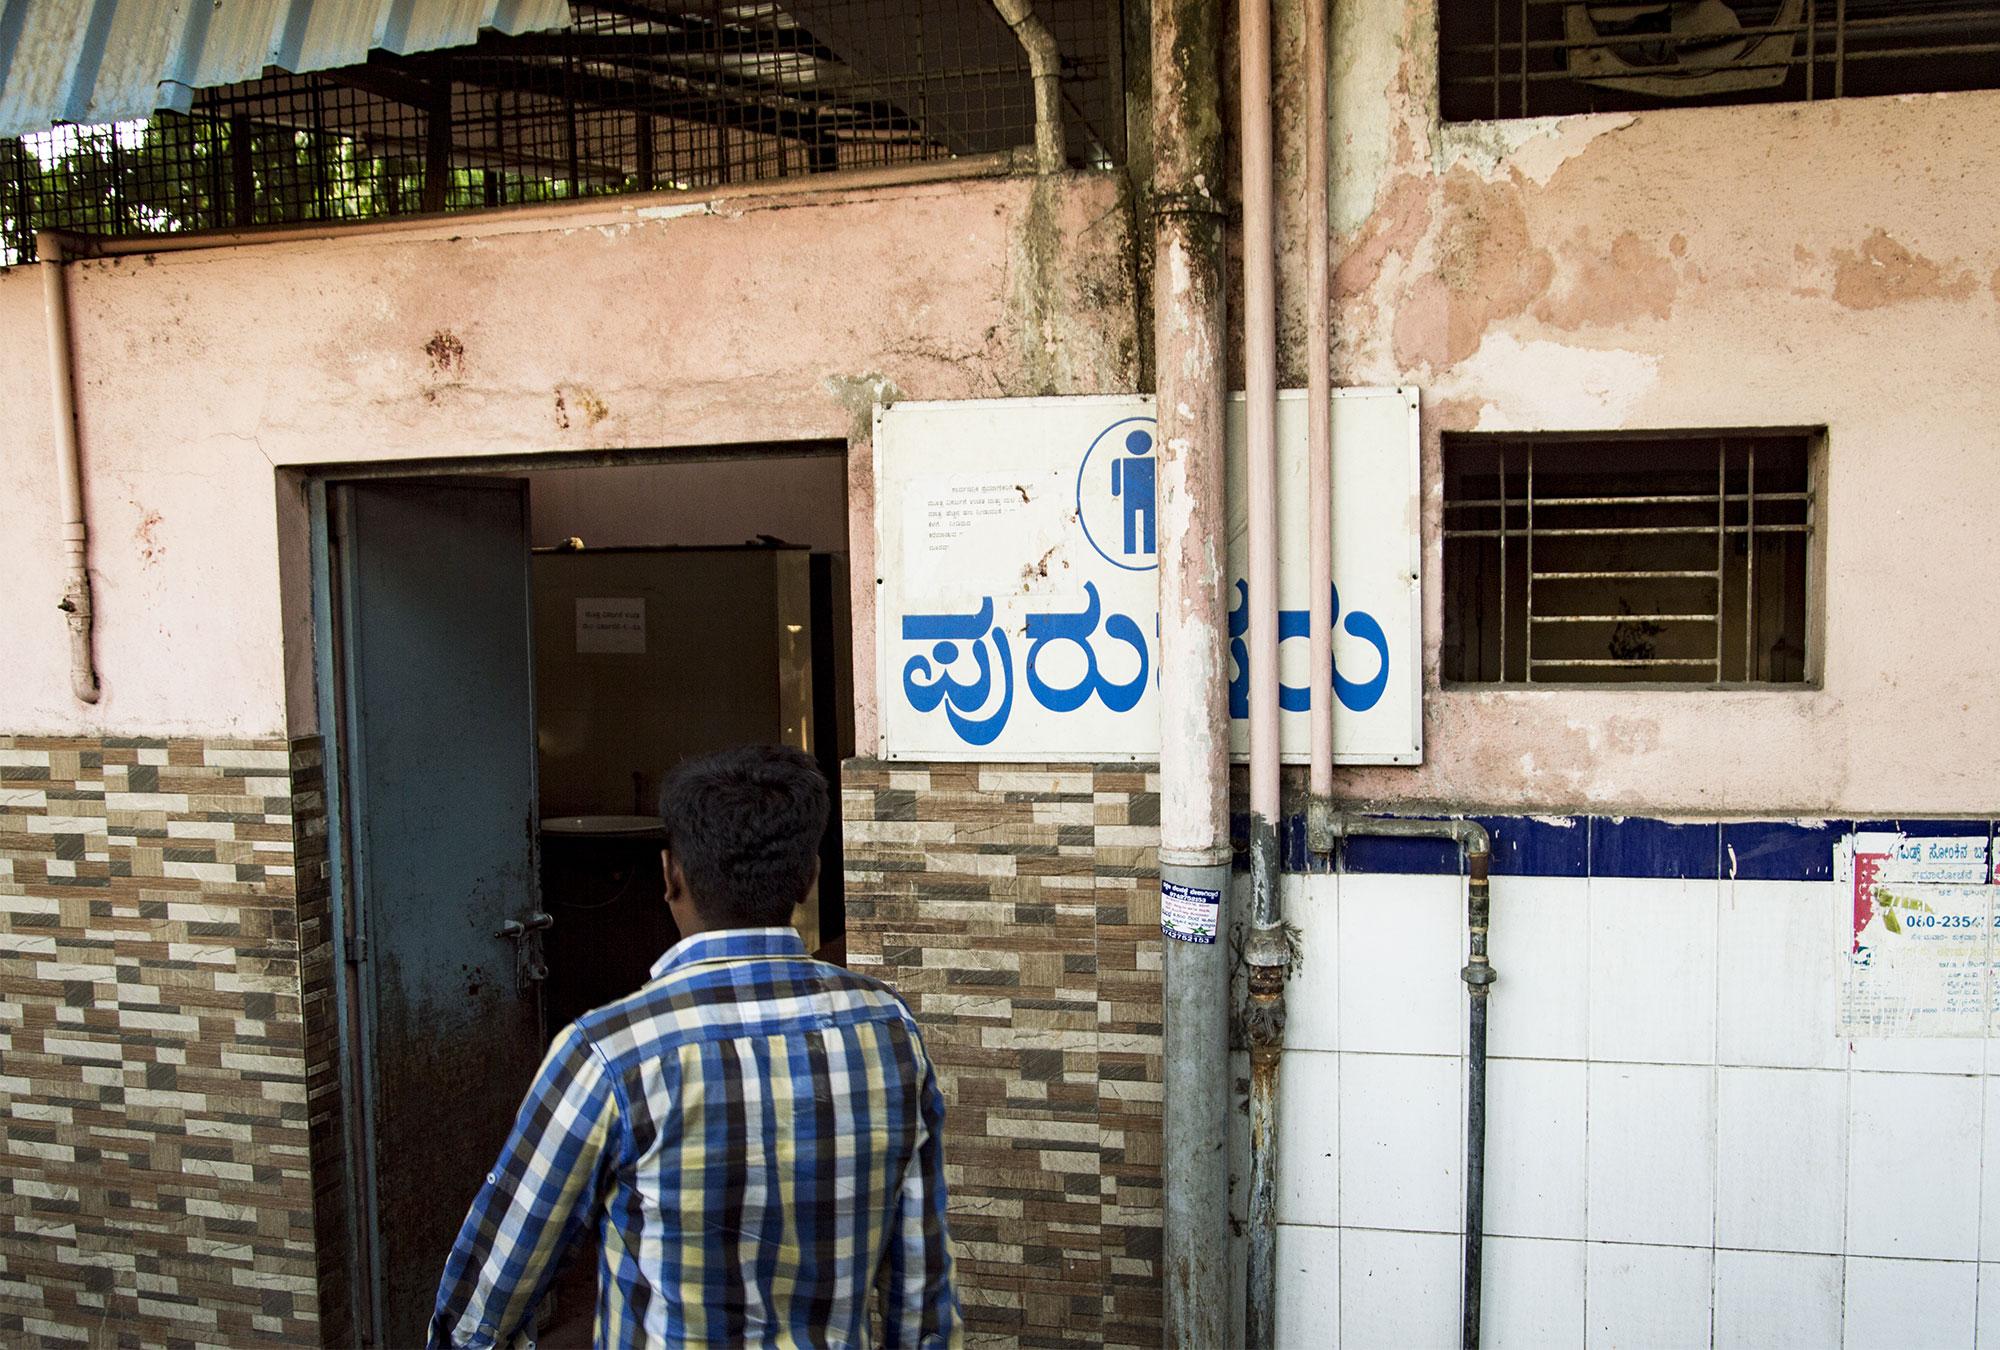 Man entering public restroom